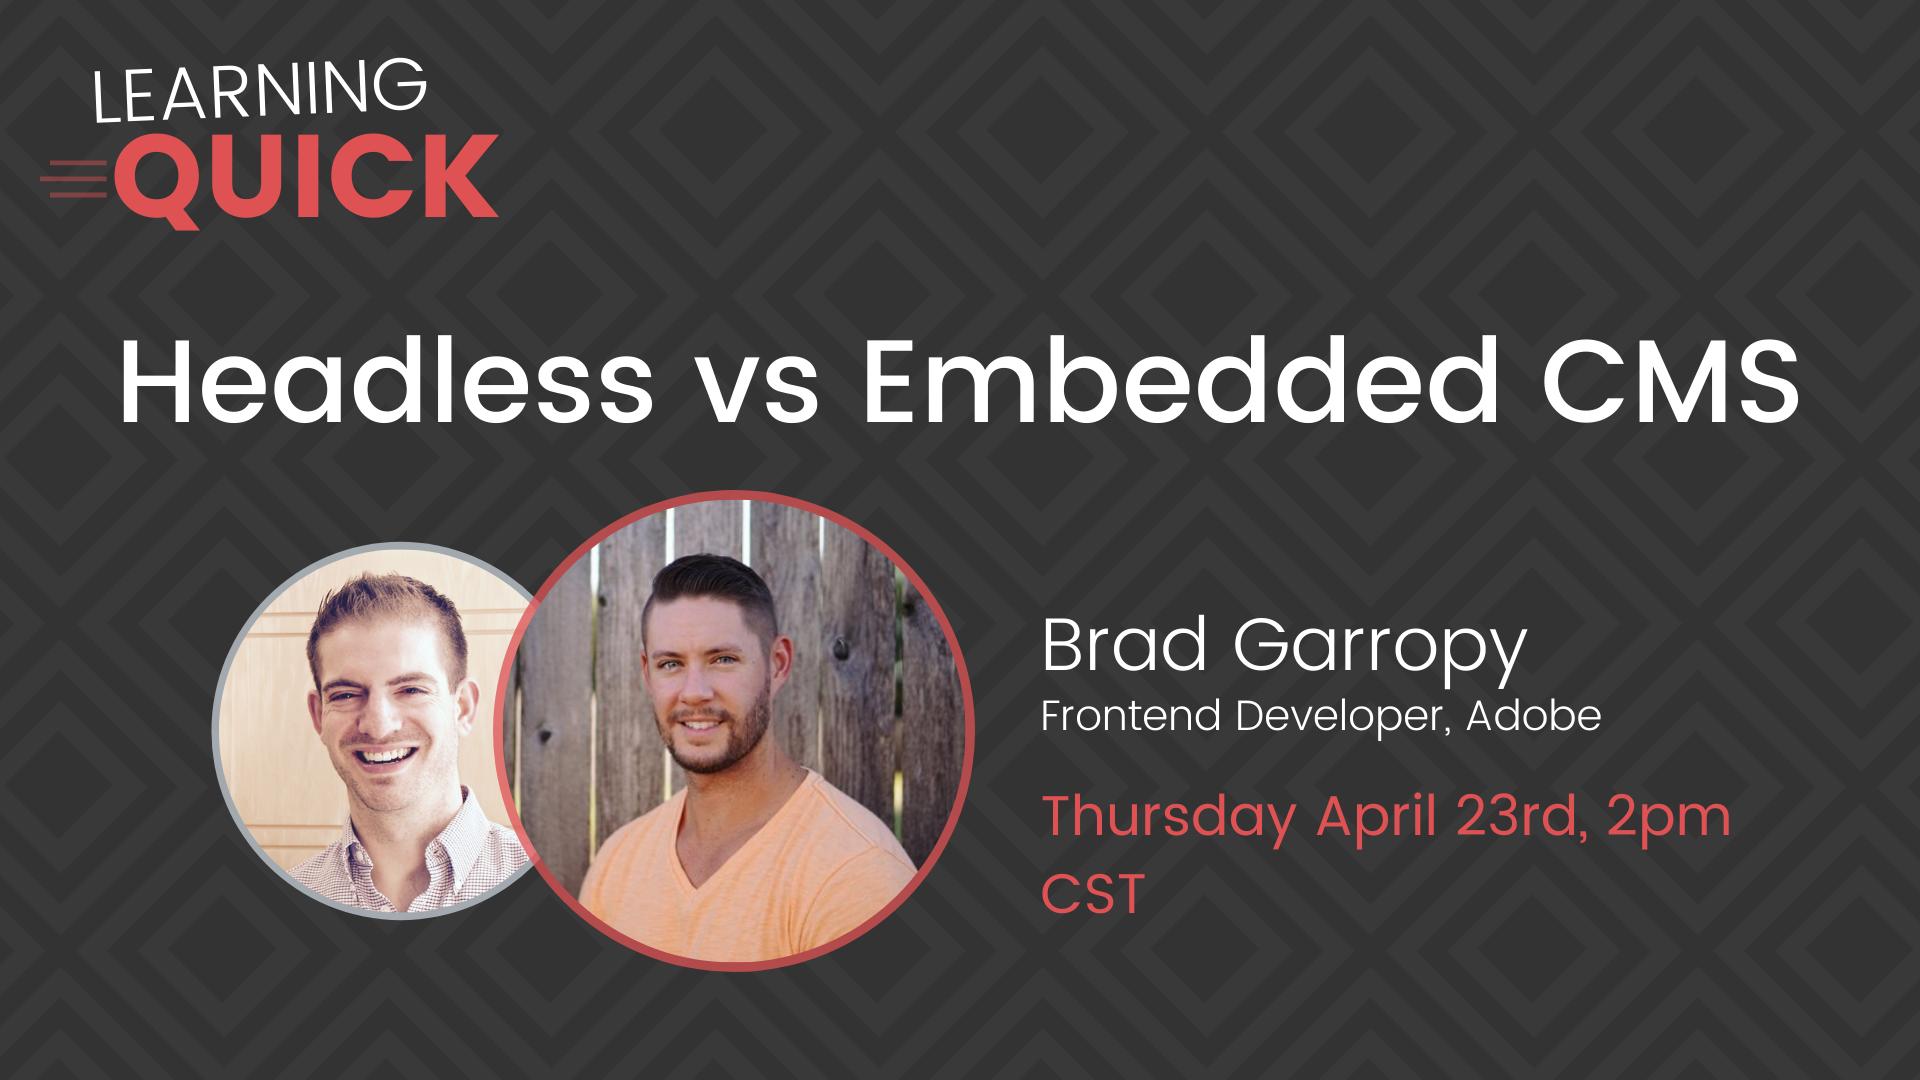 Headless CMS vs Embedded CMS with Brad Garropy